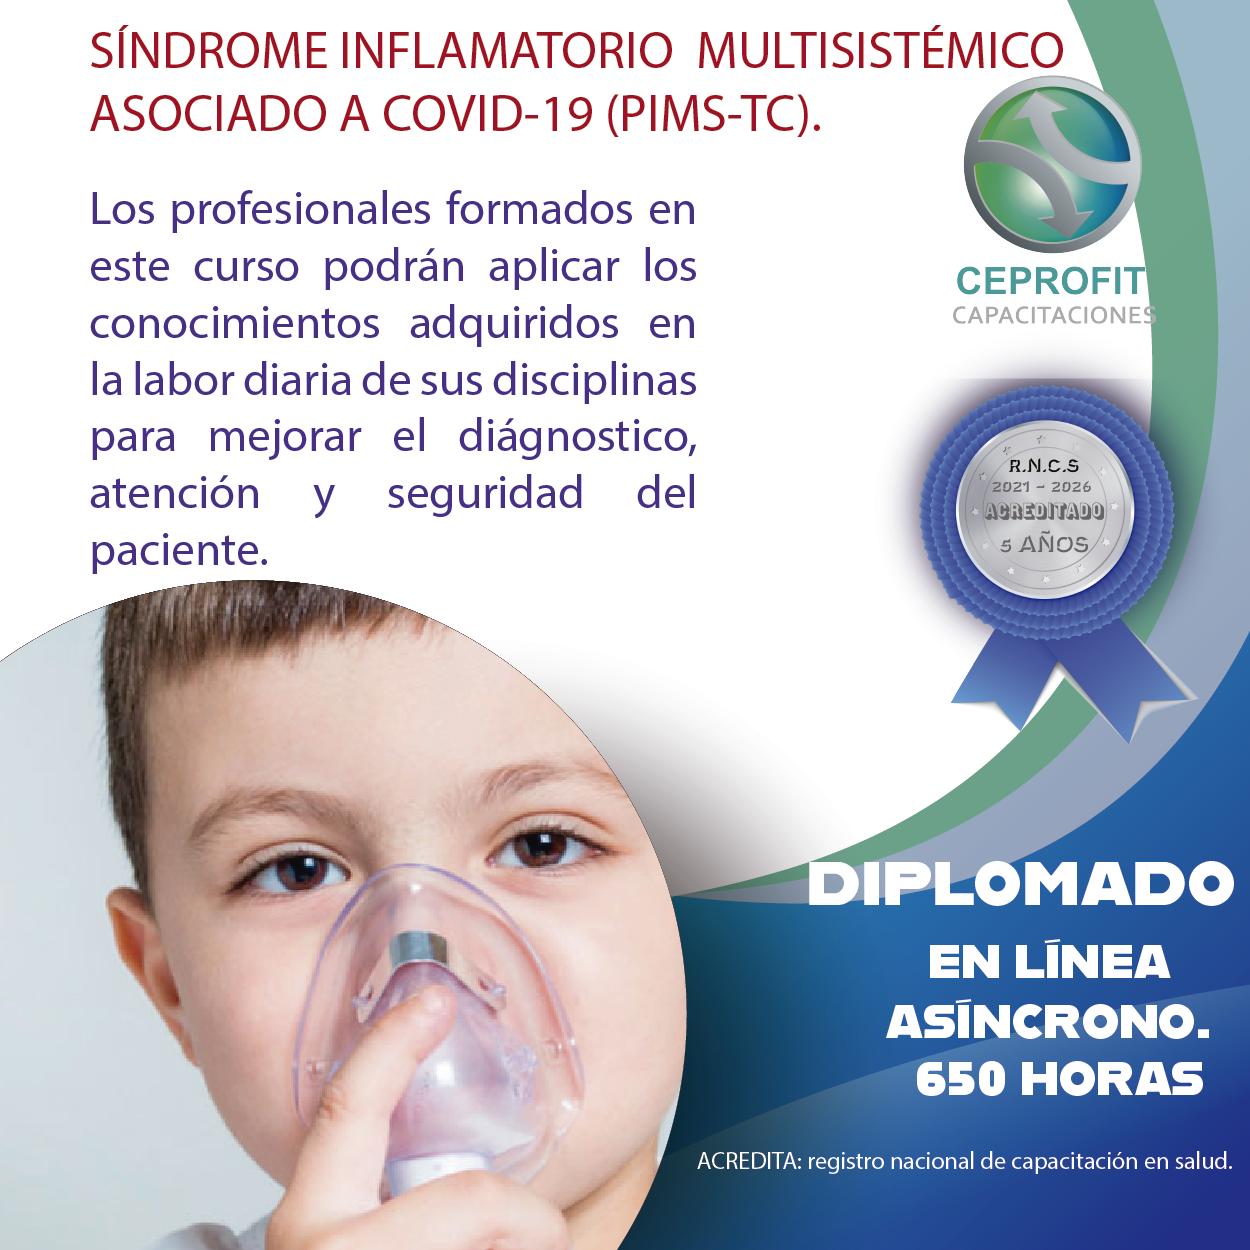 SÍNDROME INFLAMATORIO MULTISISTÉMICO ASOCIADO A COVID-19 (PIMS-TC).